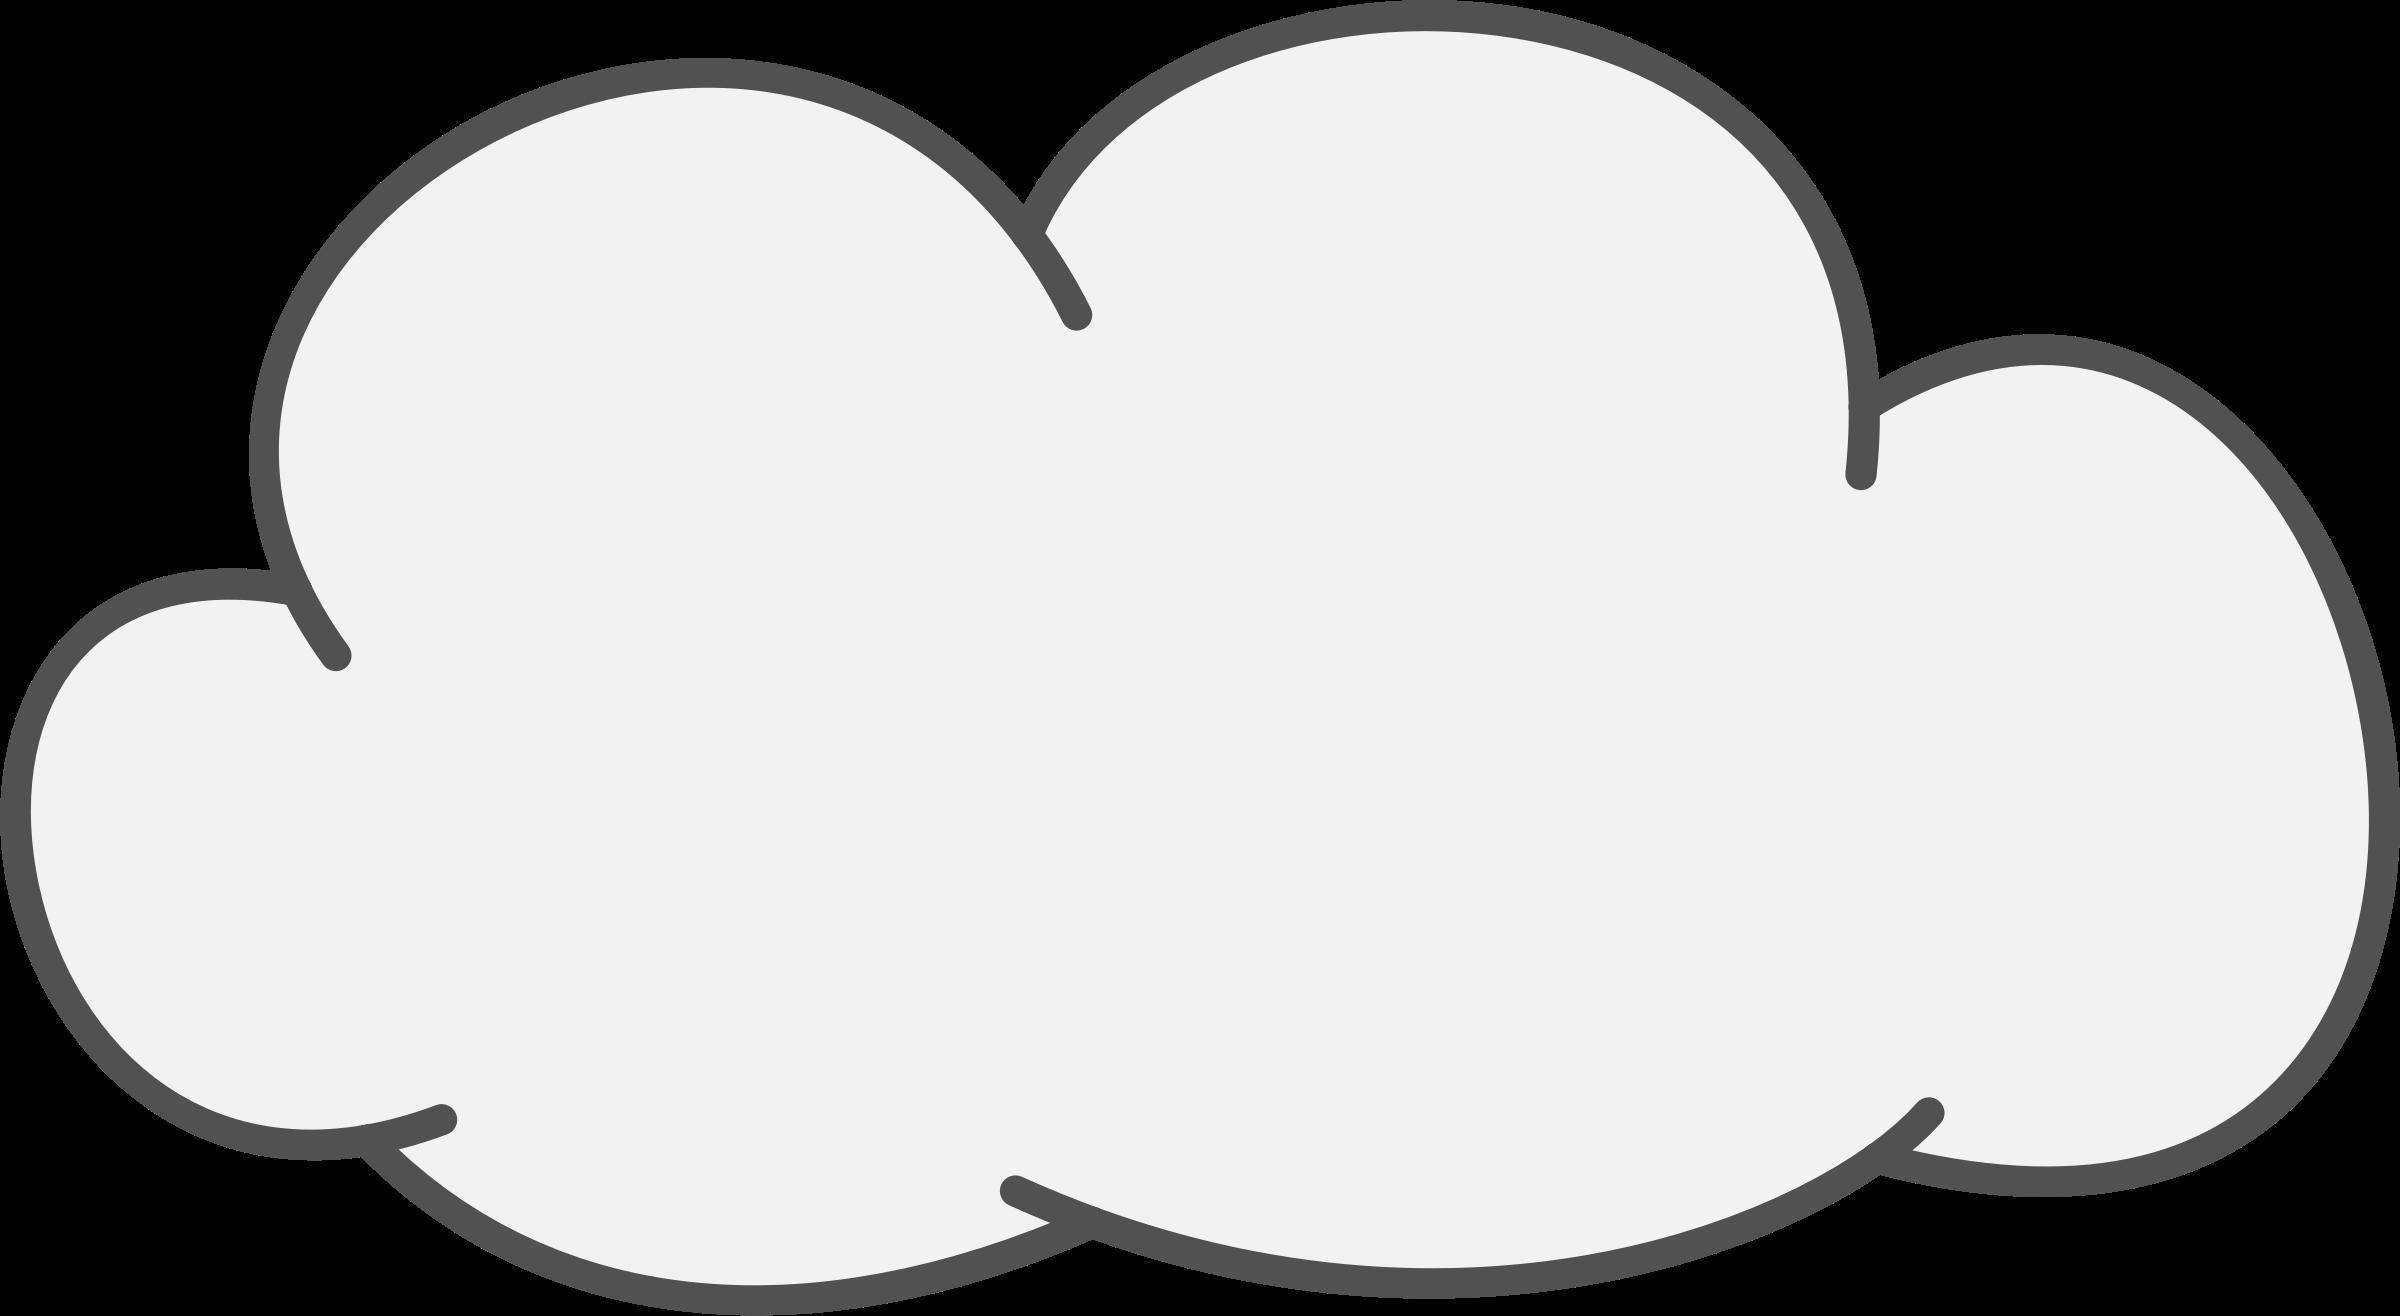 Cloud clipart outline